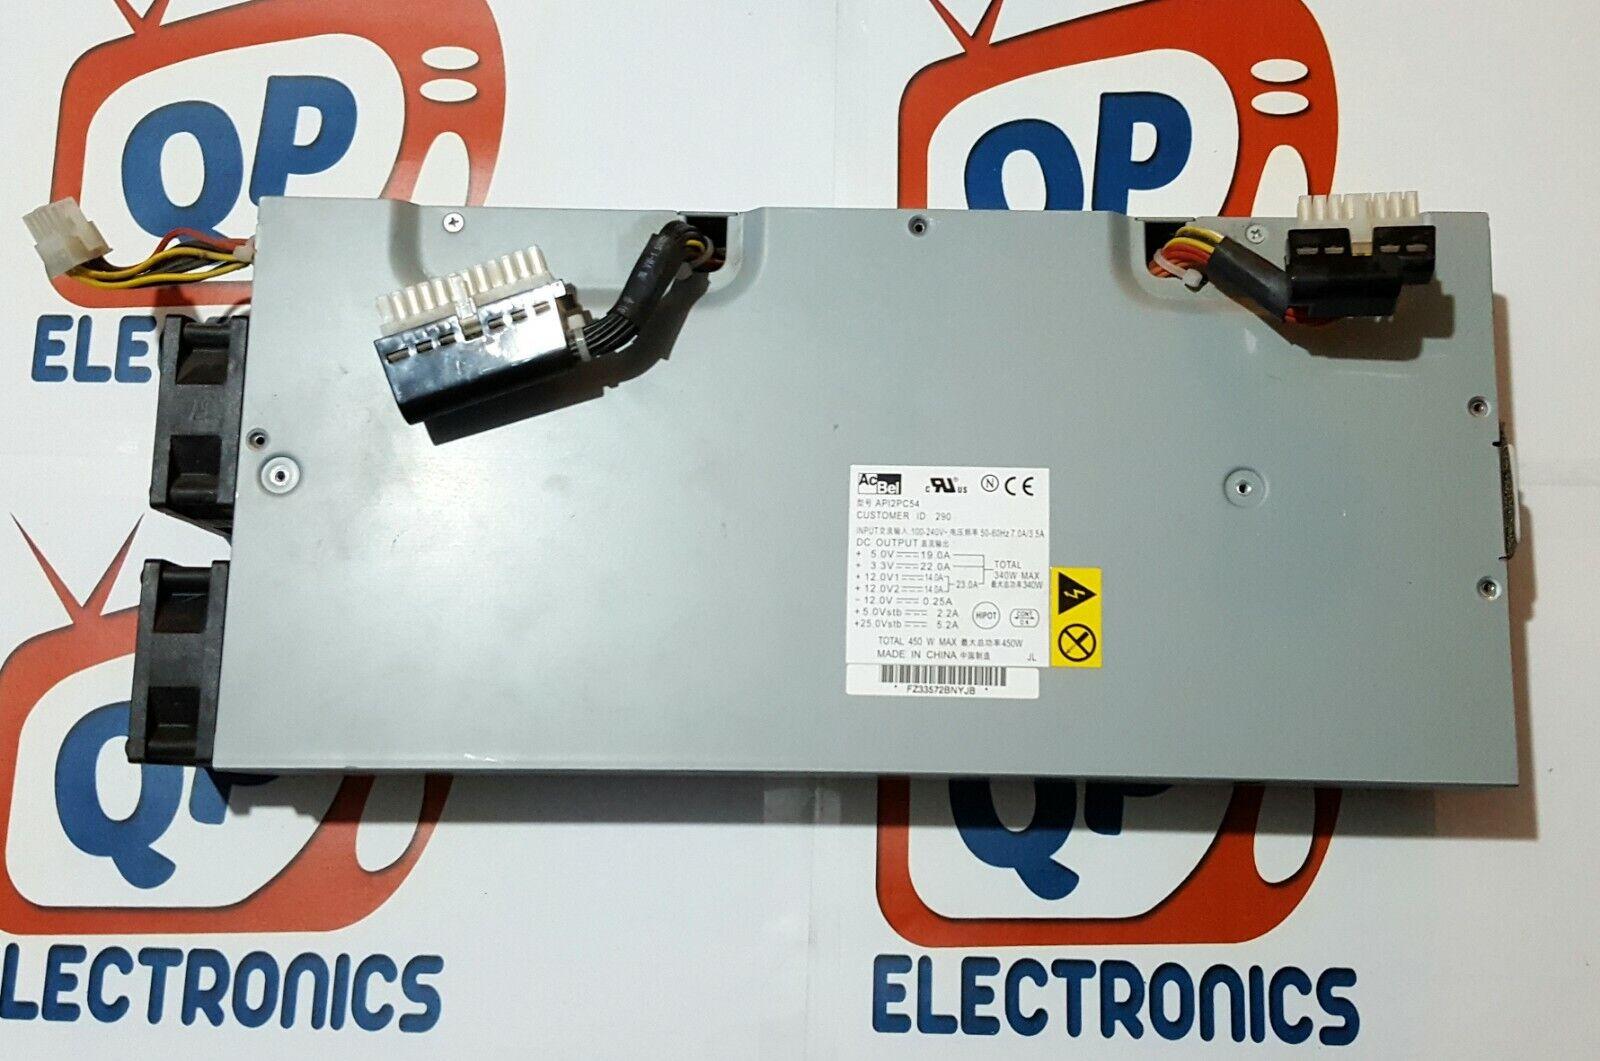 Brand New Flex ATX 1U 300w power supply 4 Mini ITX,SFF/& rackmount servers*APFC